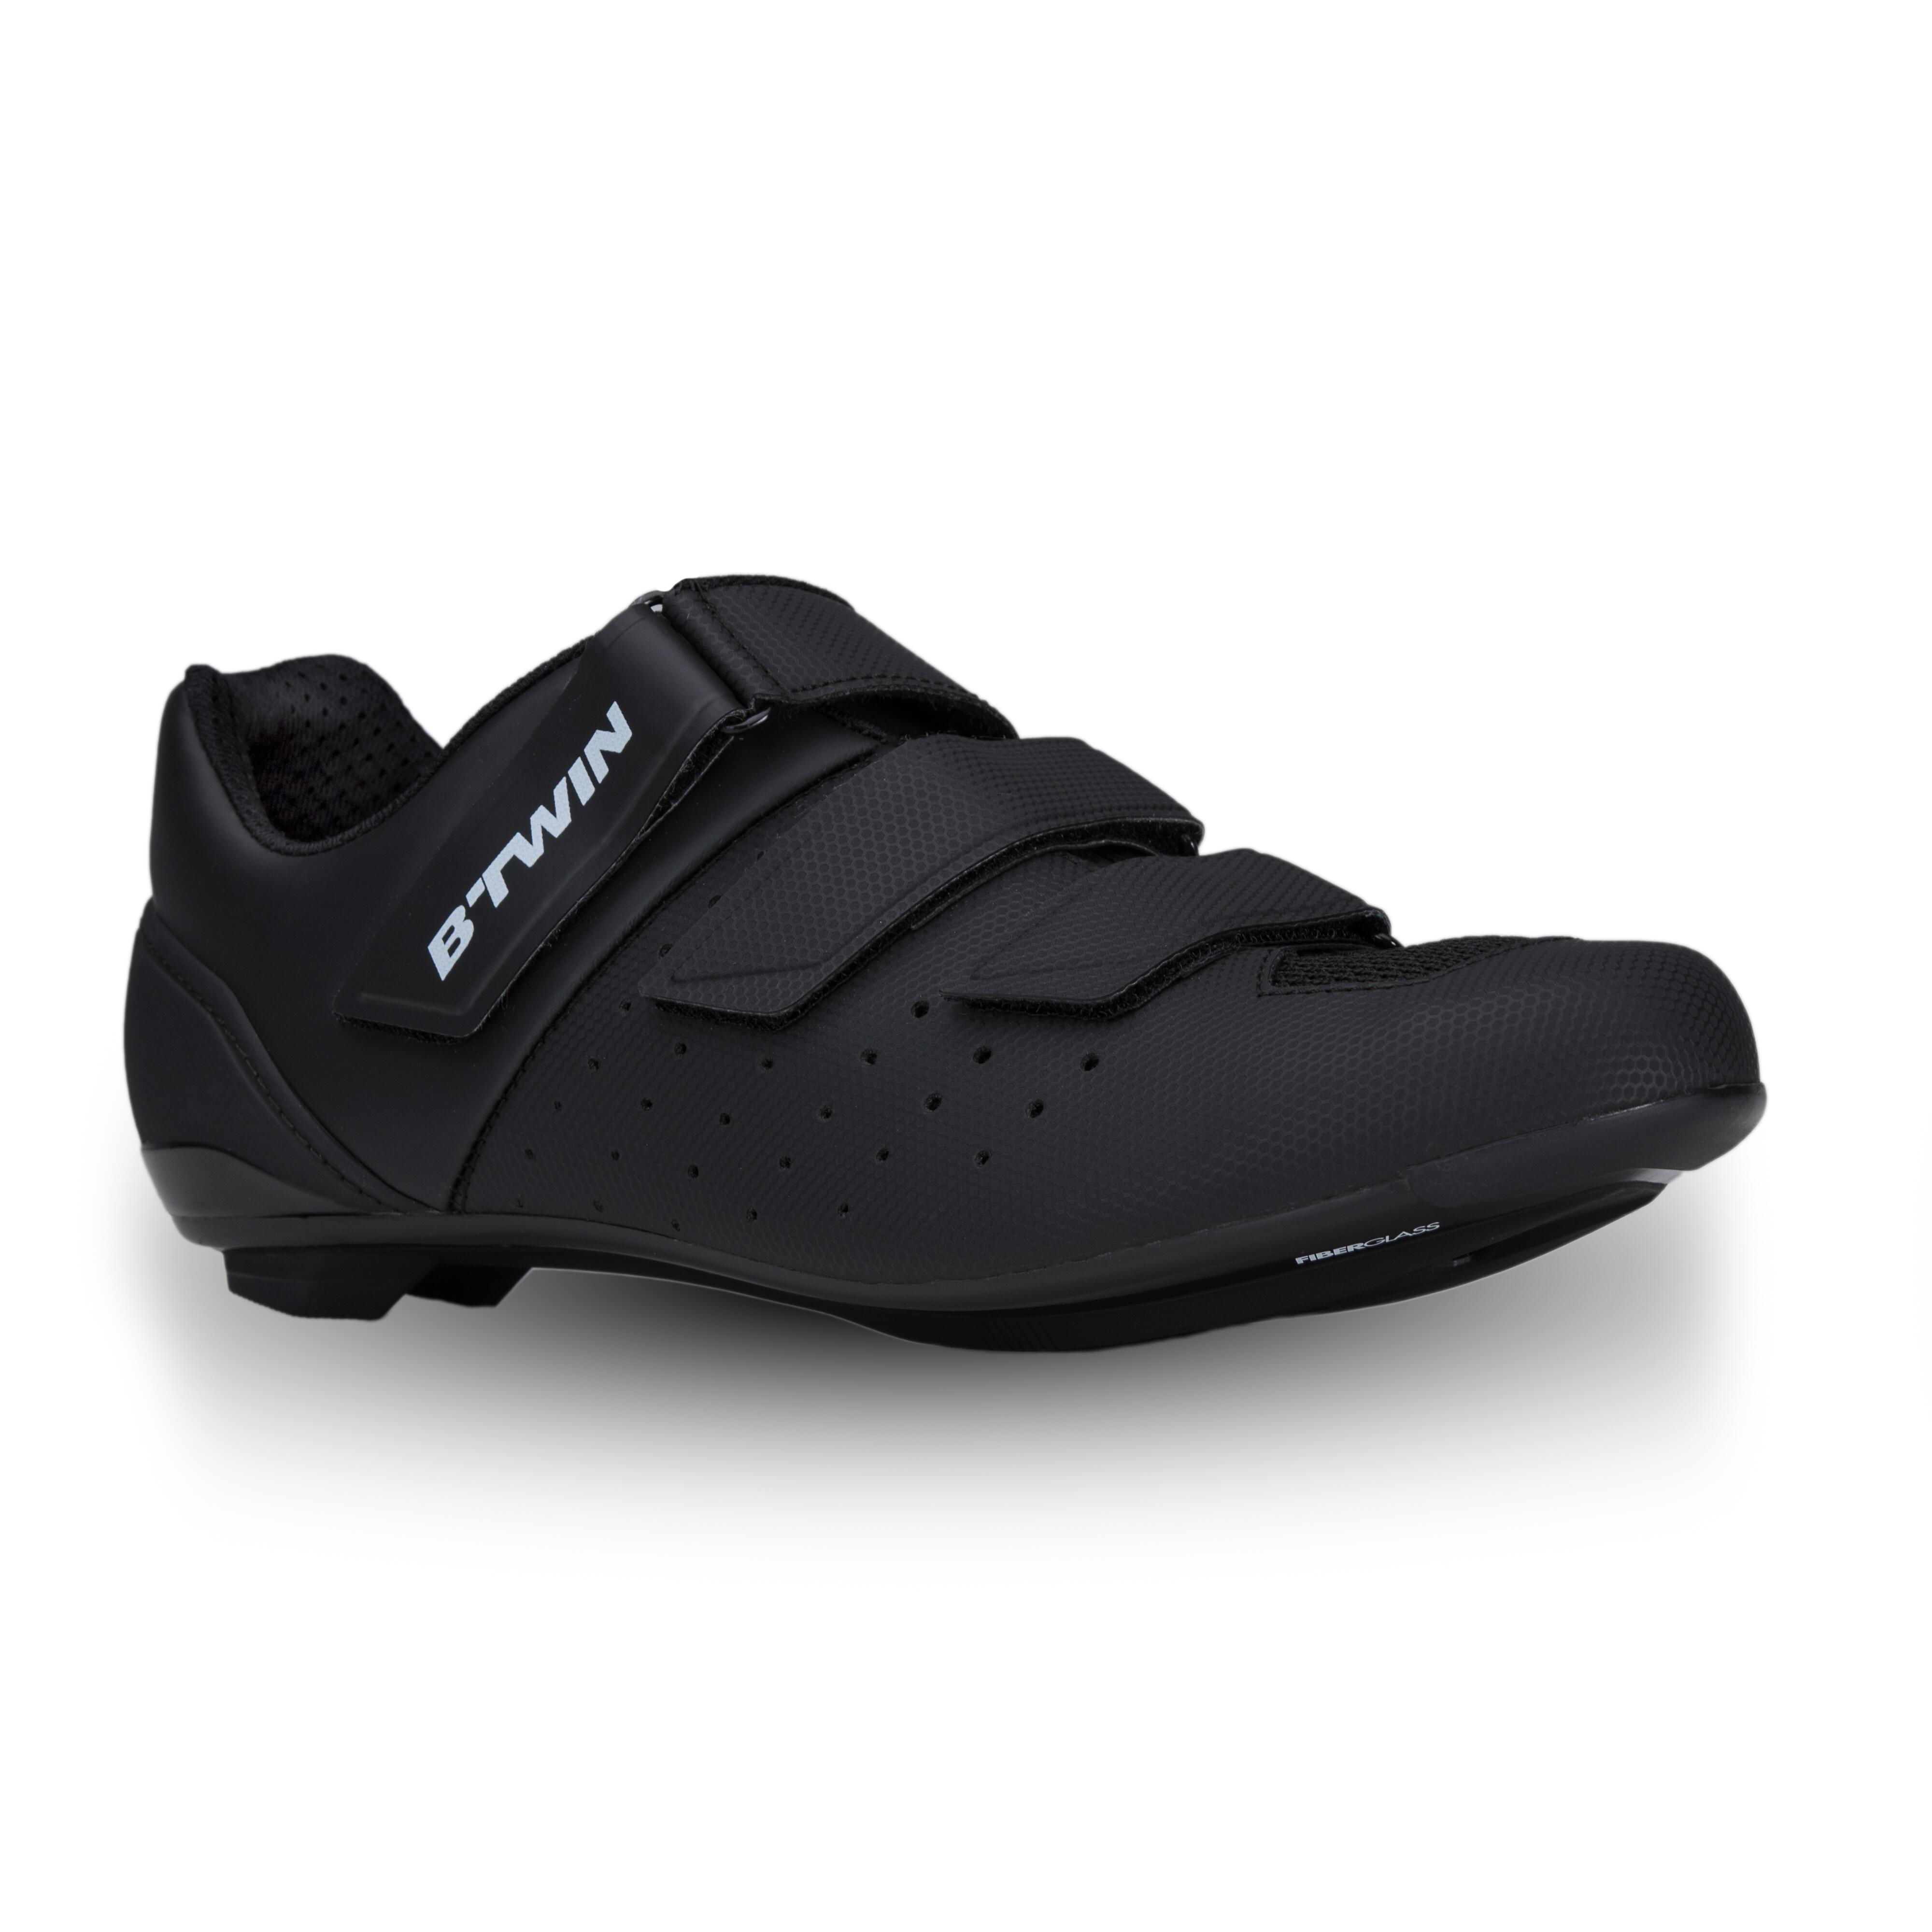 Fahrrad-Schuhe Rennrad RR 500 schwarz | Schuhe > Sportschuhe > Fahrradschuhe | Schwarz | B´twin